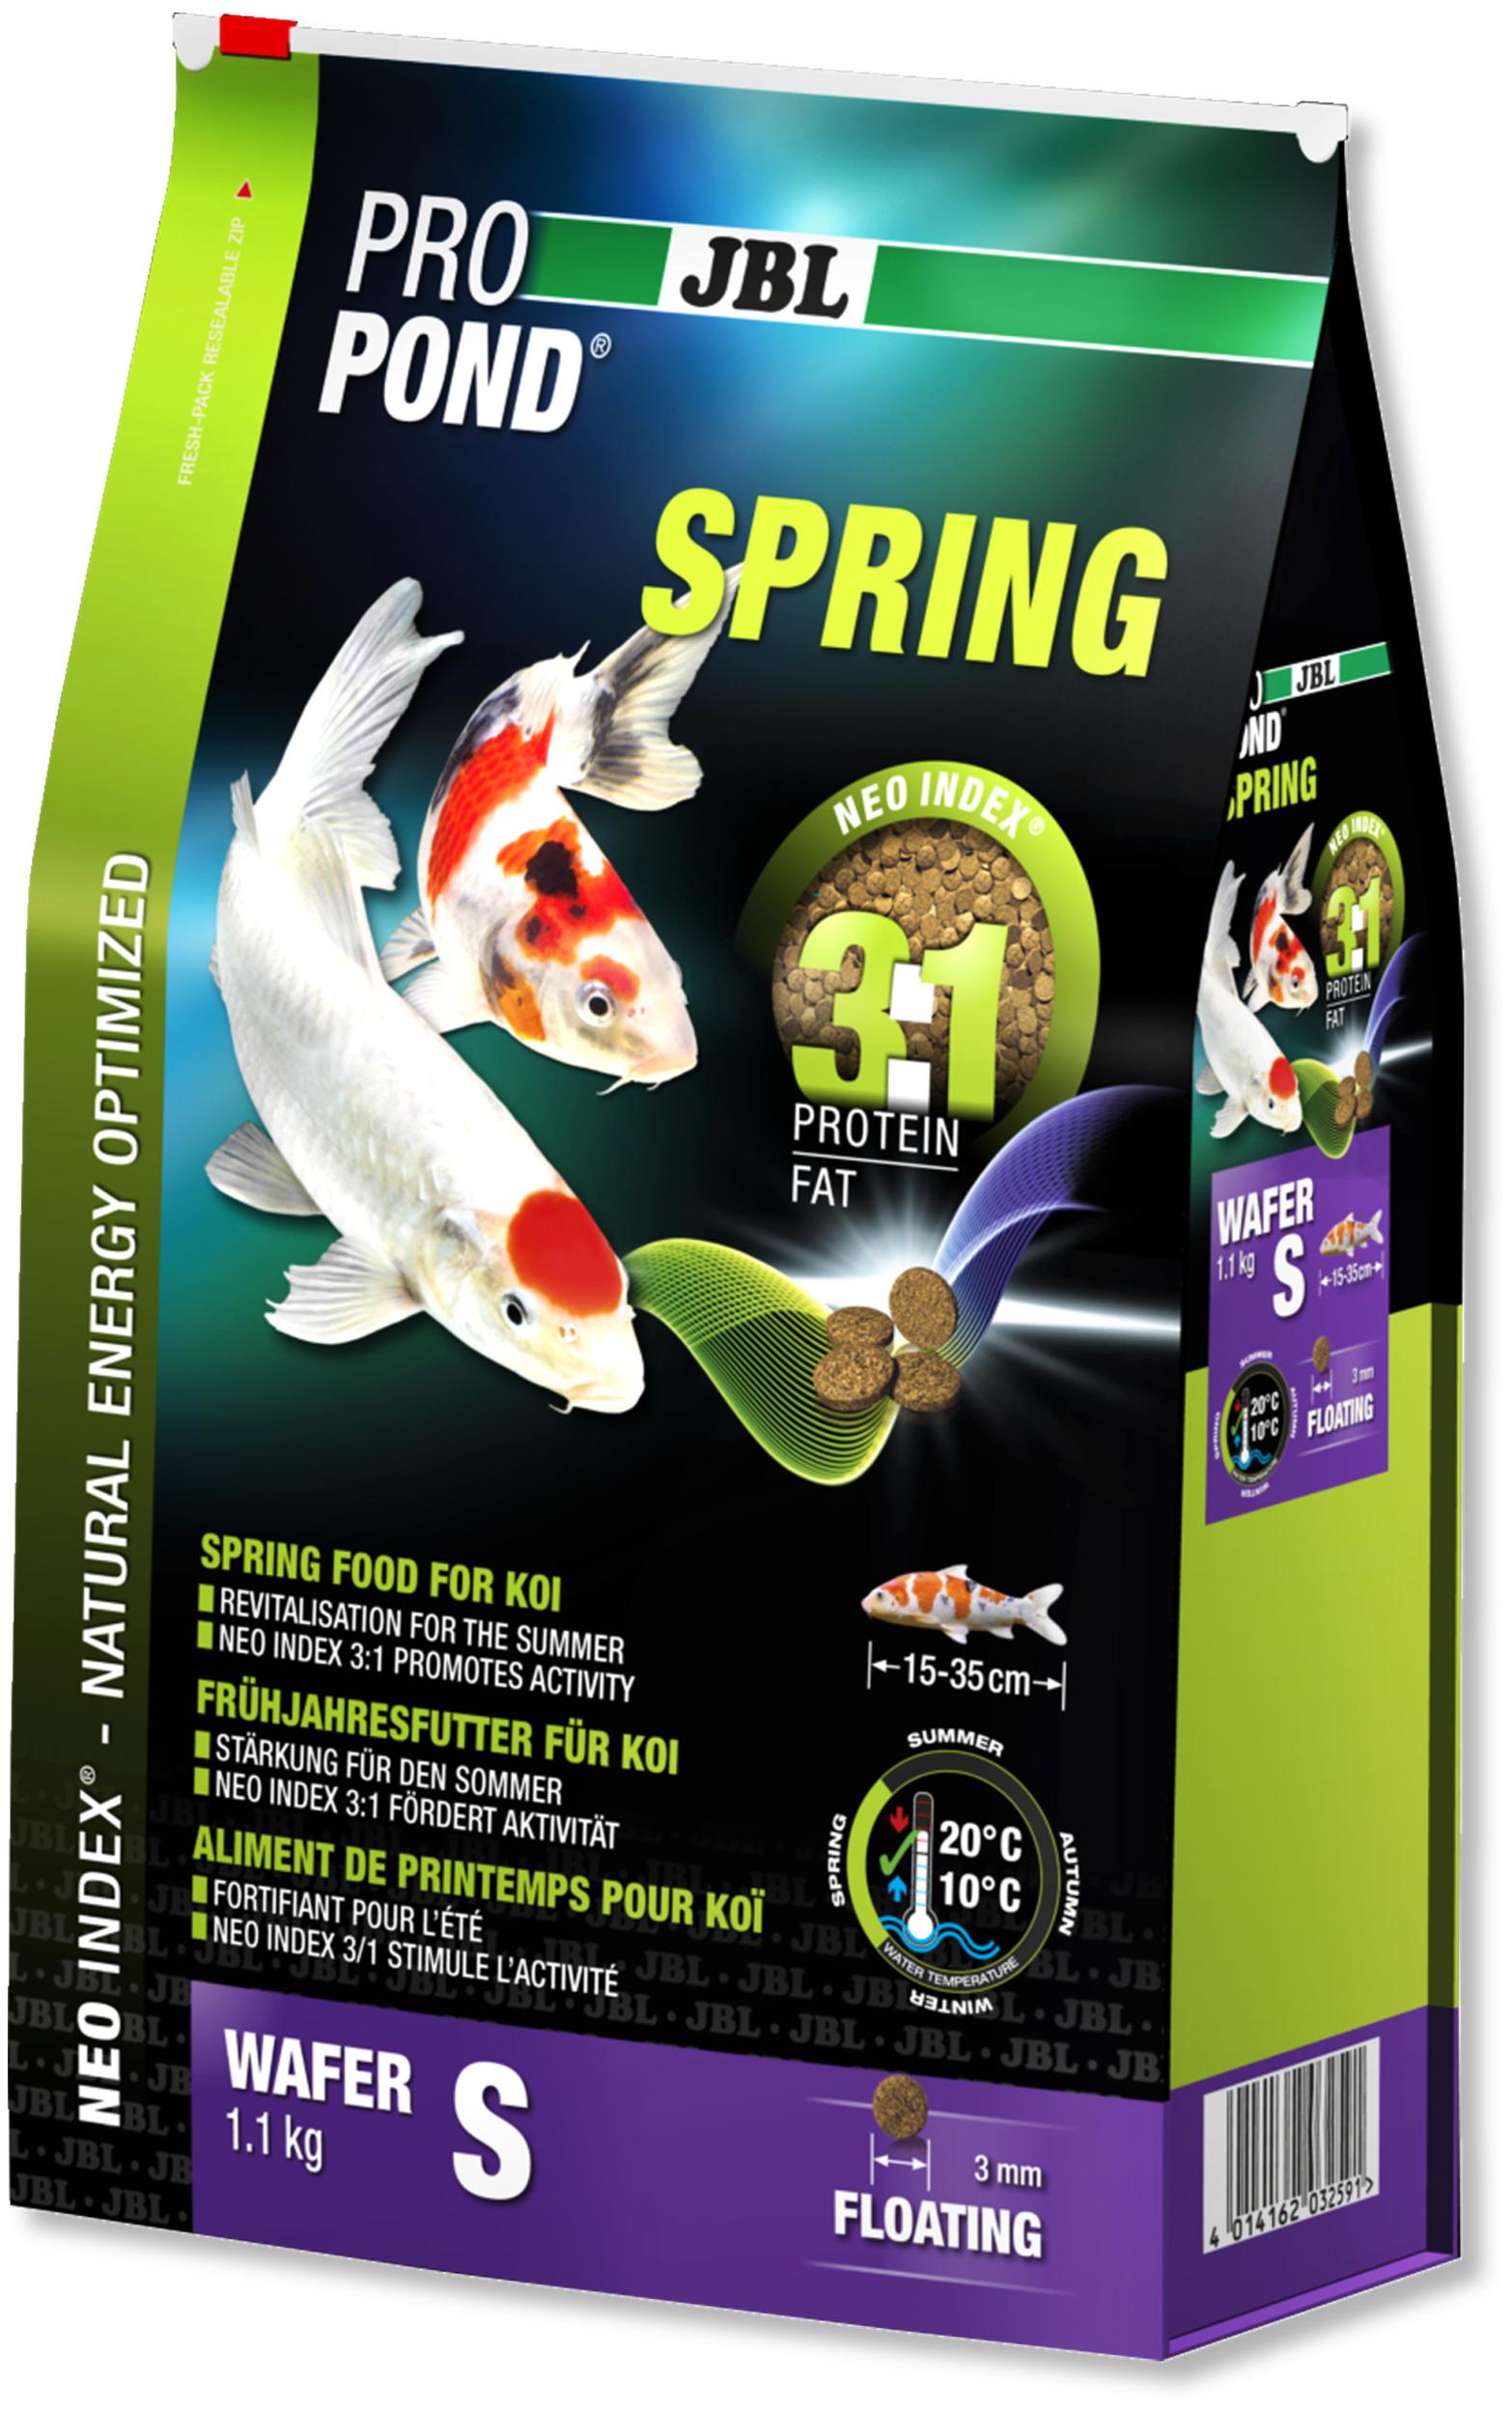 JBL ProPond Spring S 1,1 Kg nourriture granulés de printemps pour Koïs de 15 à 35 cm